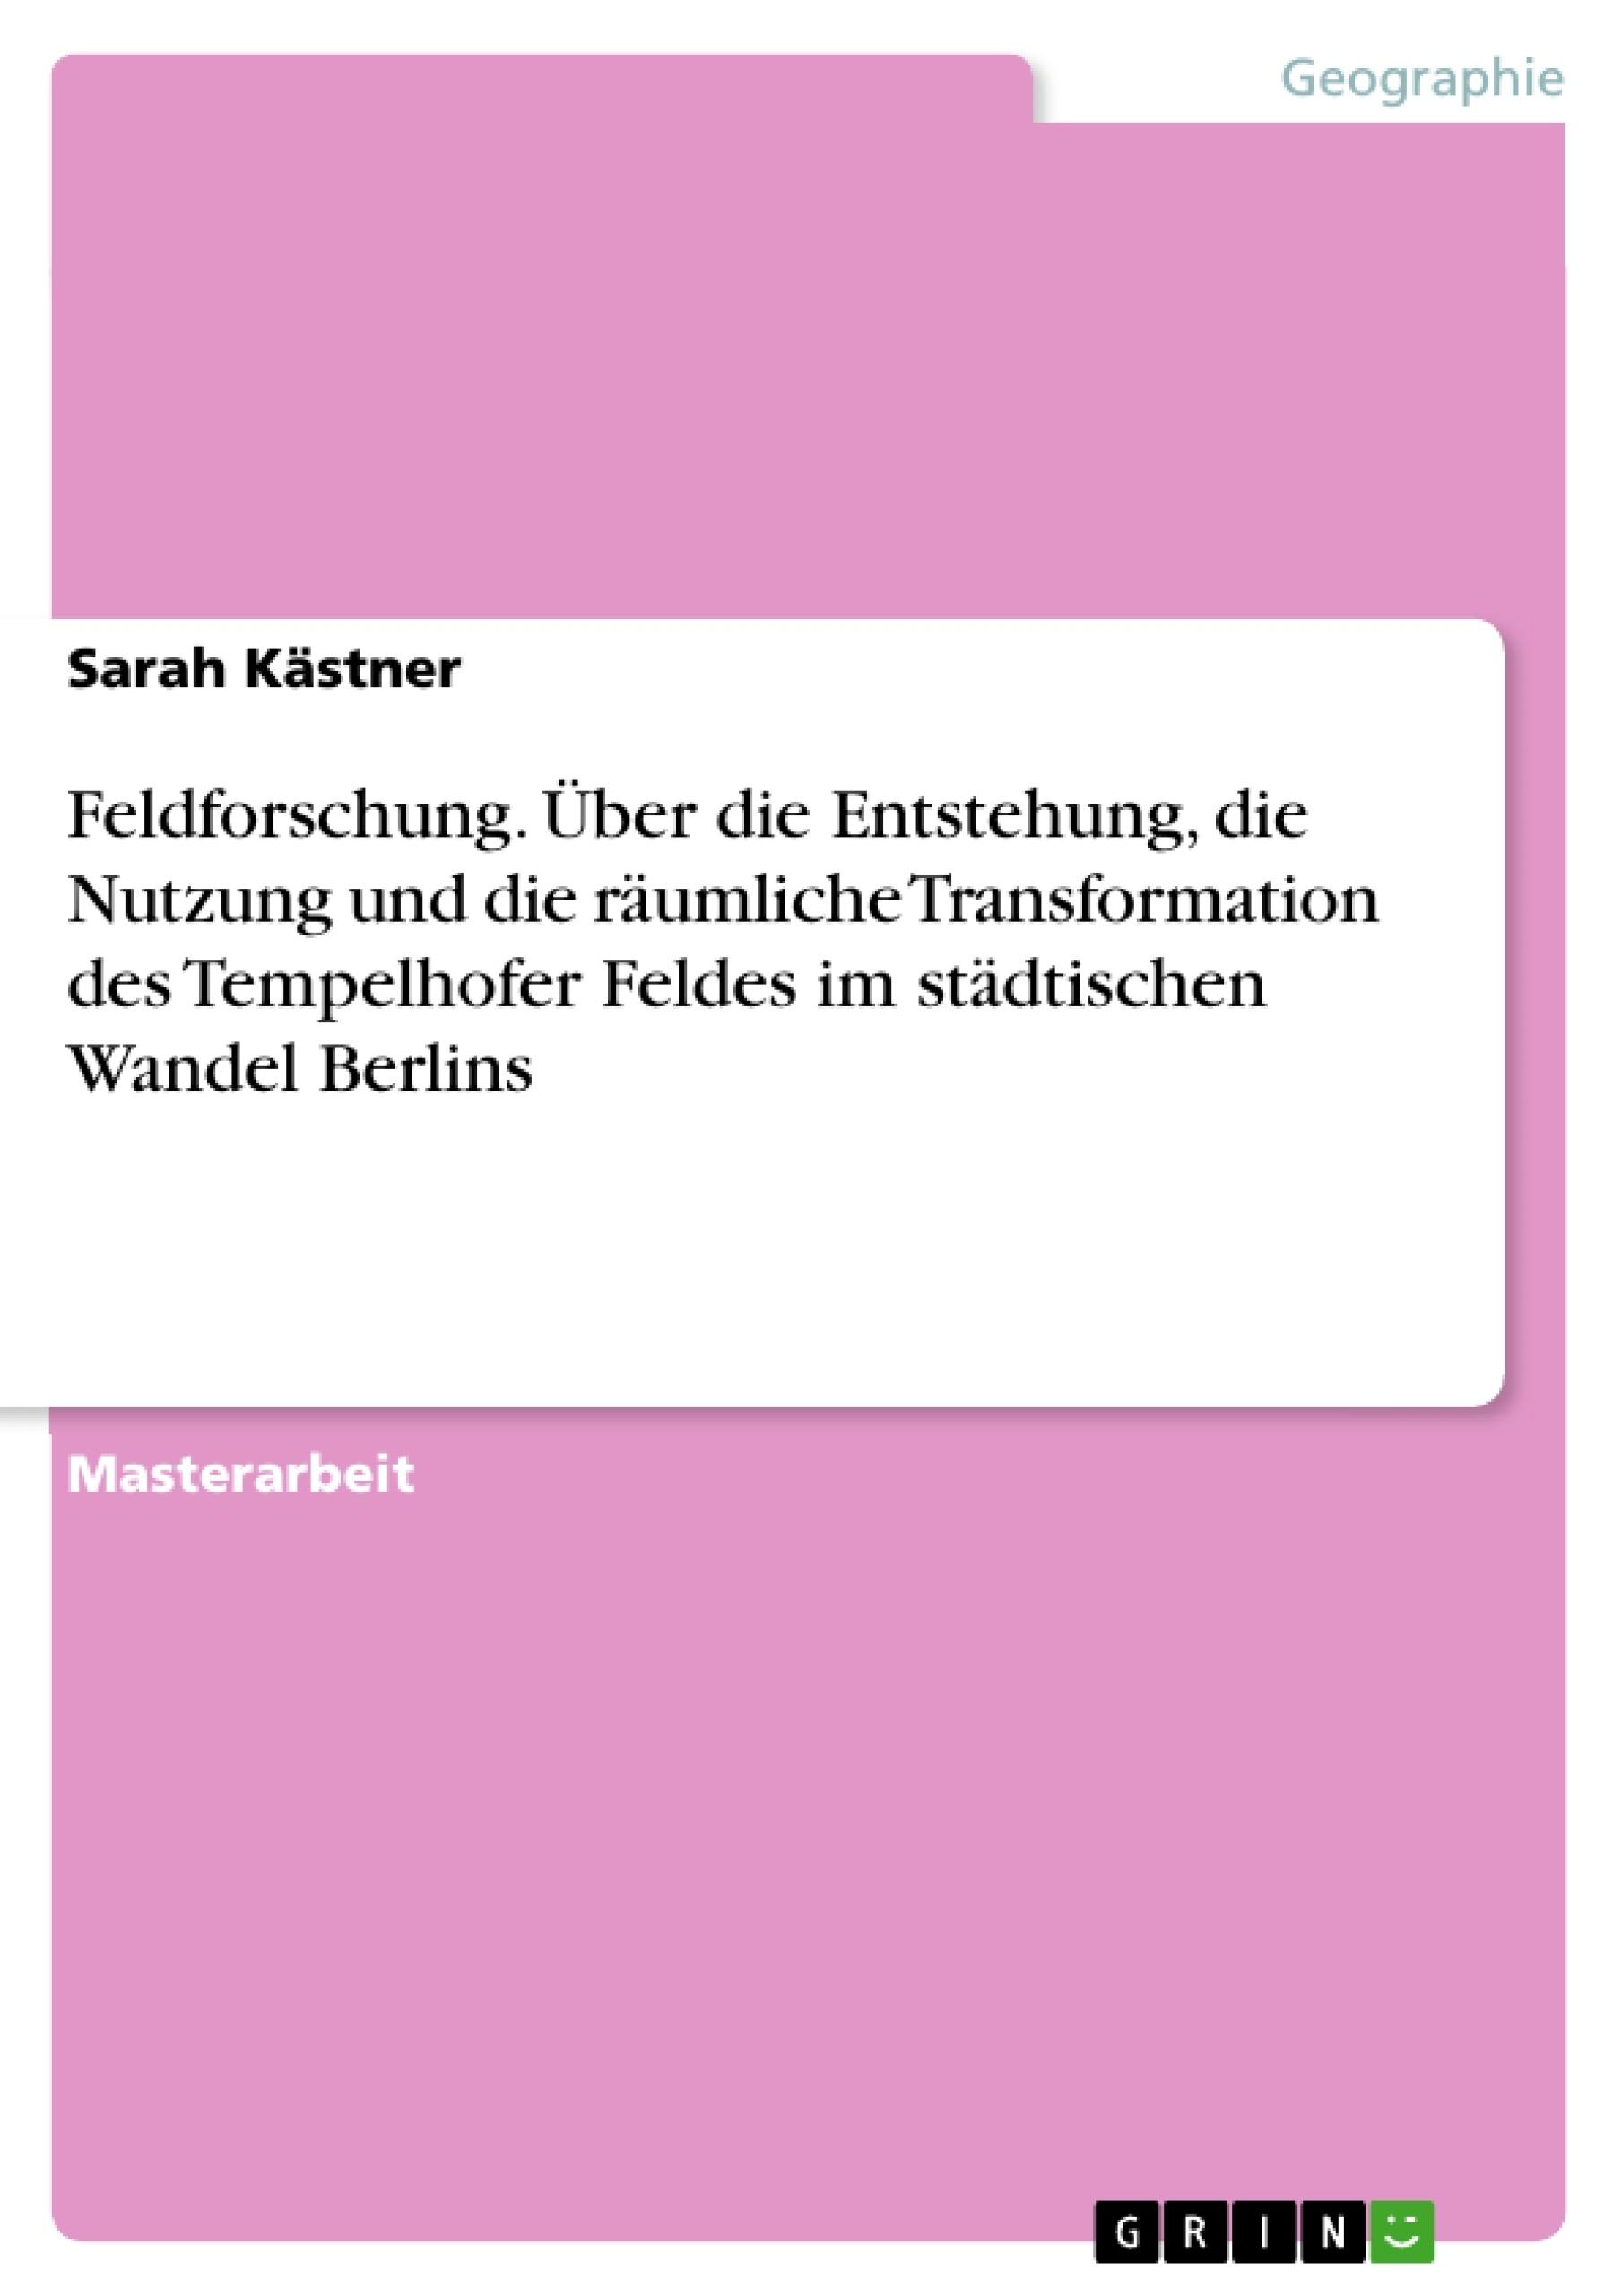 Titel: Feldforschung. Über die Entstehung, die Nutzung und die räumliche Transformation des Tempelhofer Feldes im städtischen Wandel Berlins